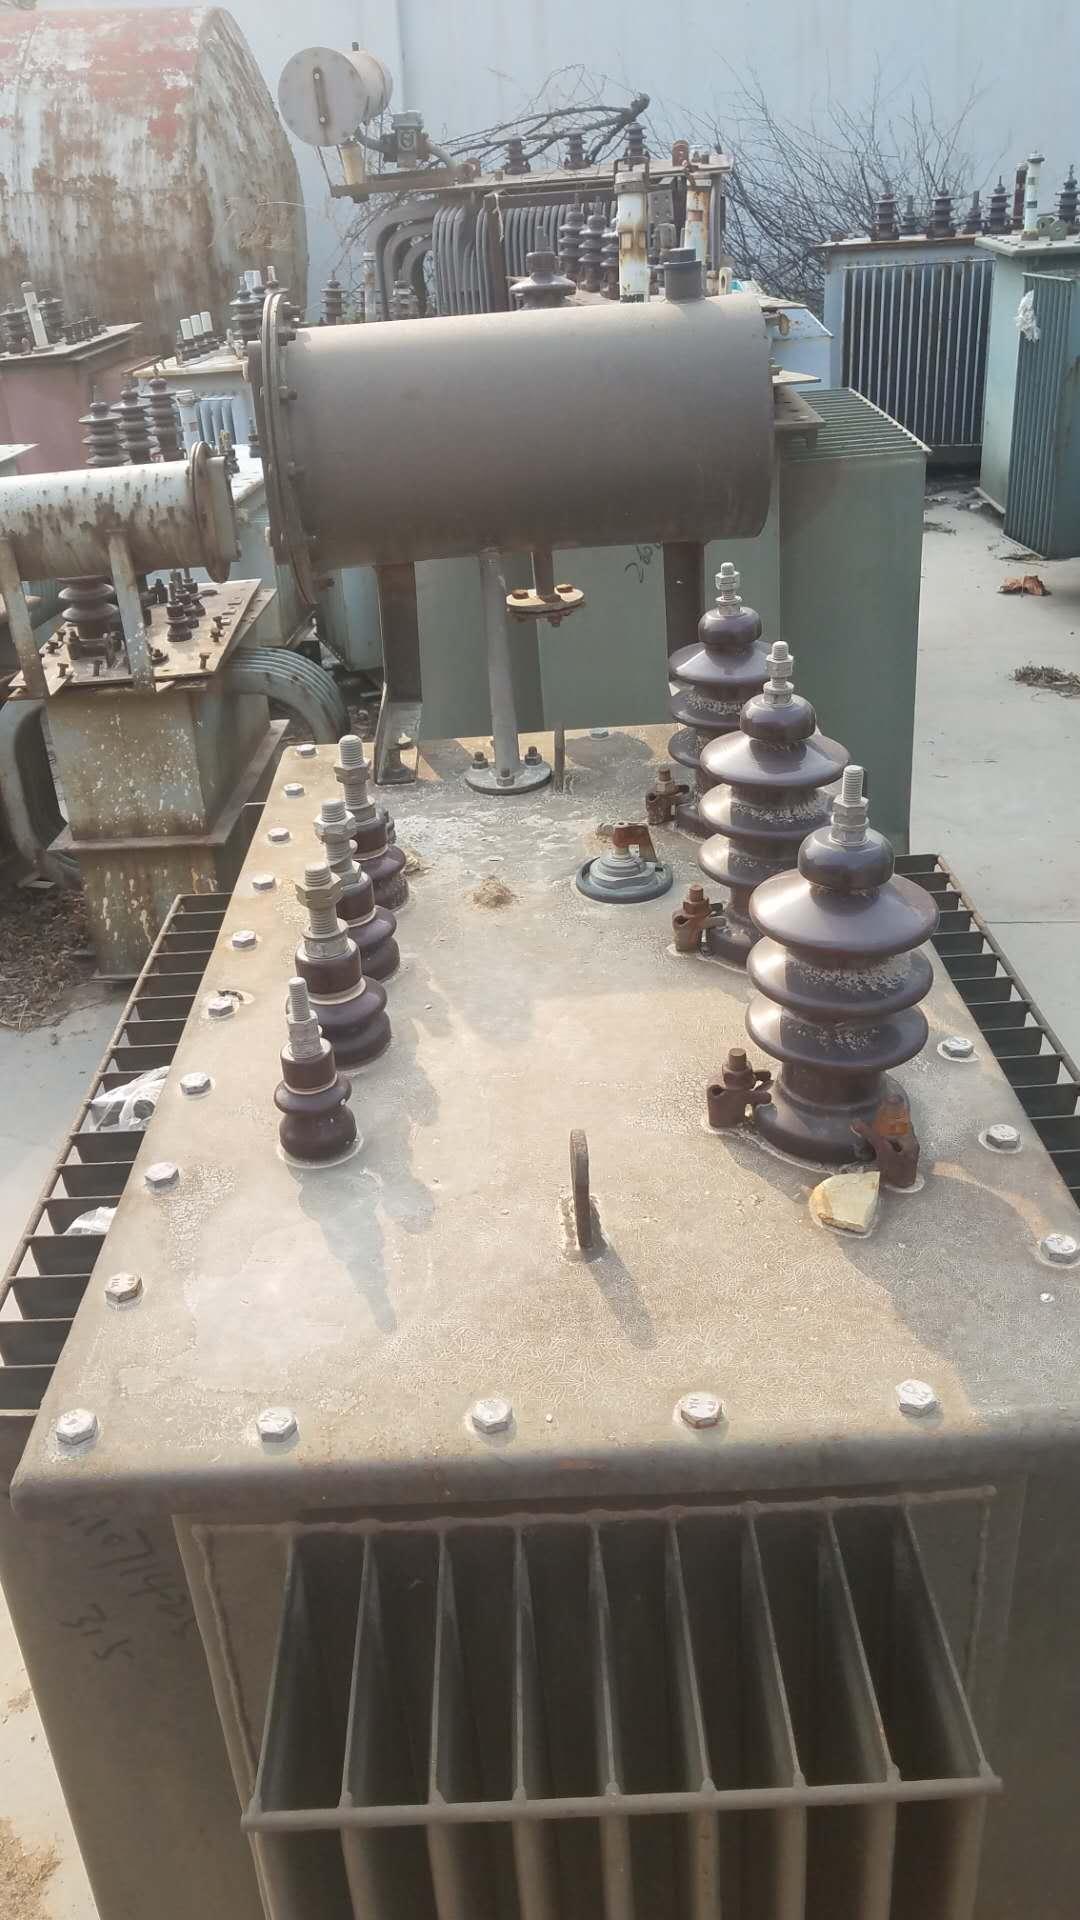 山东省东营市广饶县长期高价提供各类废旧电缆回收废旧变压器回收各地废铜